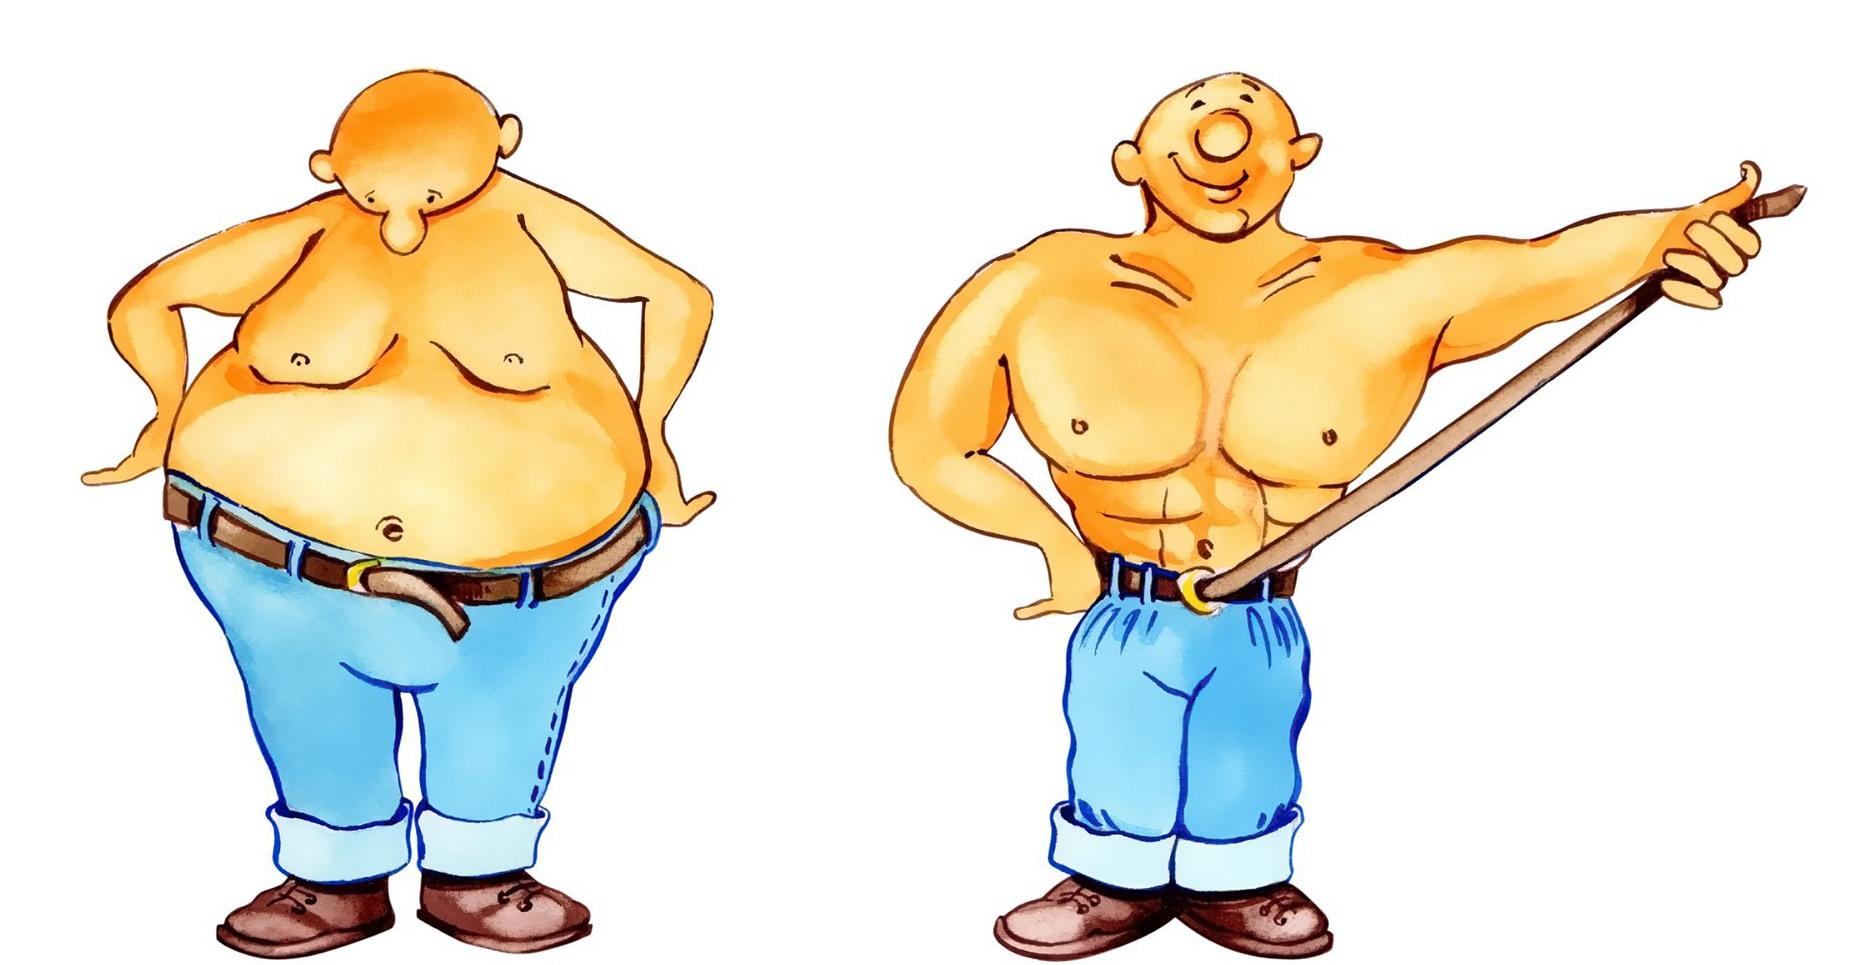 Святой, приколы про ожирение картинки